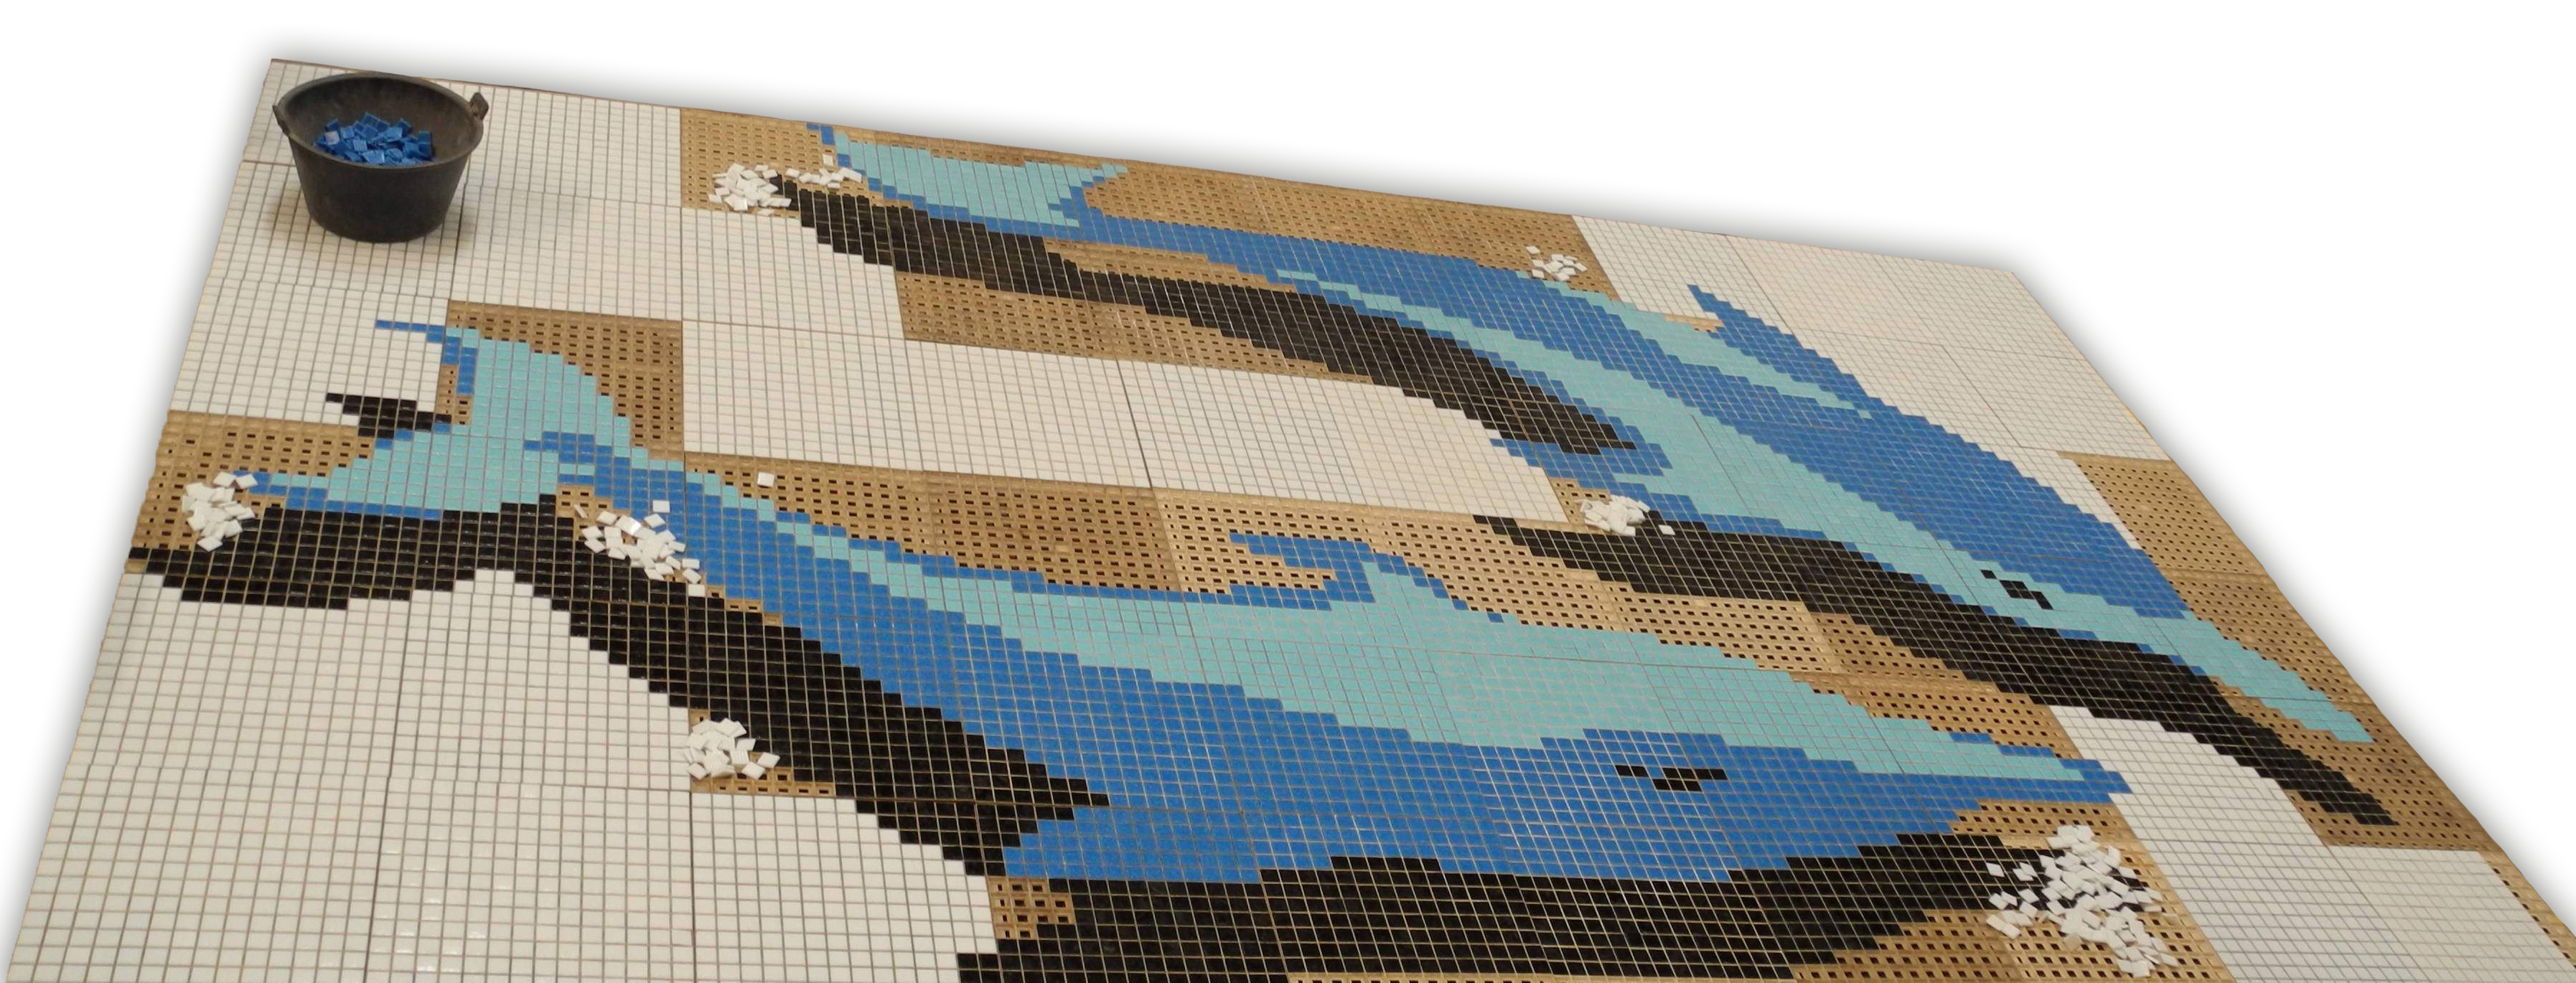 Tableau en mosa que en pate de verre pour piscine dauphin for Pate de verre pour piscine